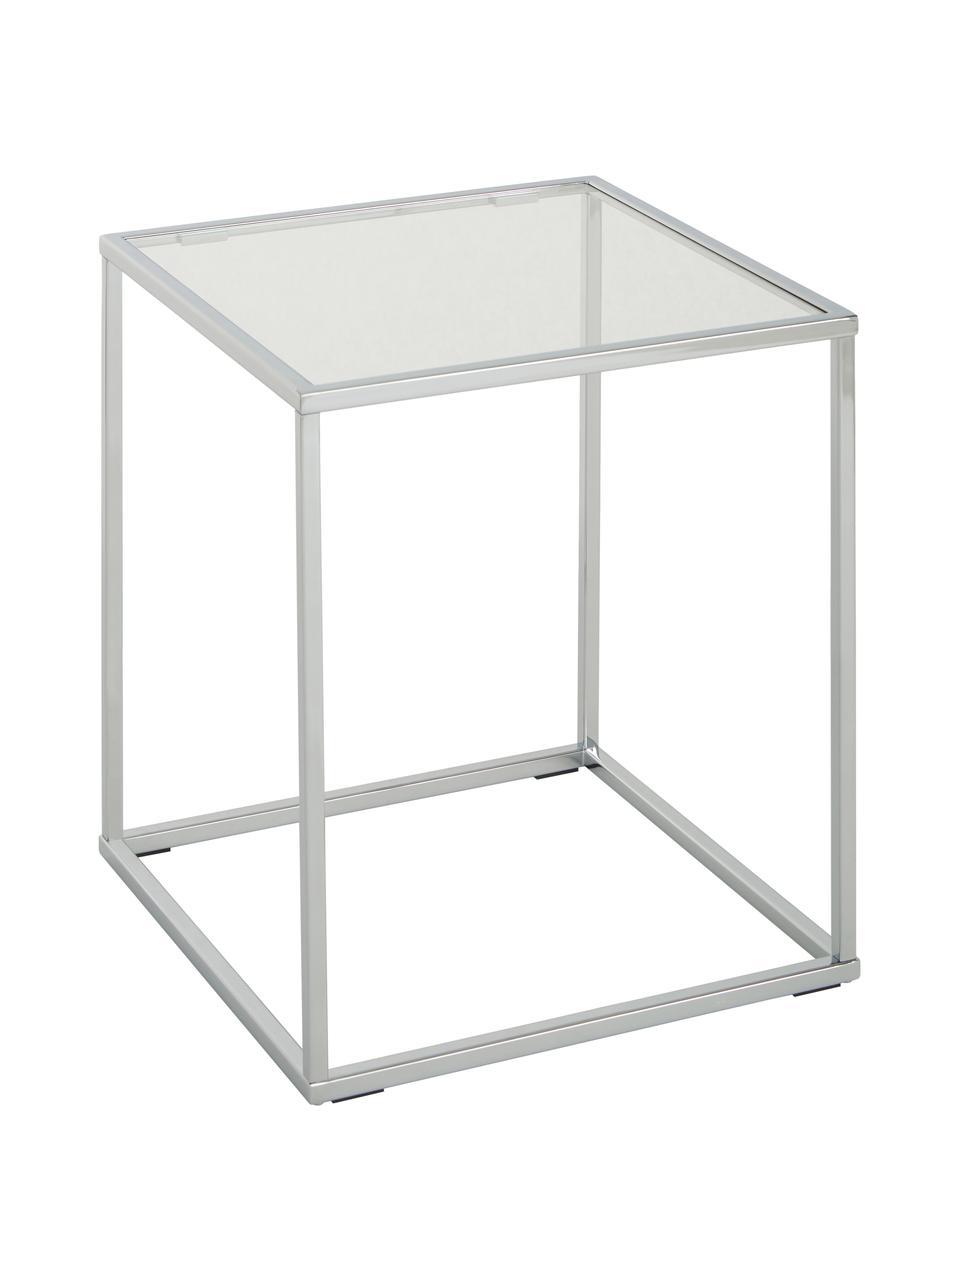 Tavolino con piano in vetro Maya, Piano d'appoggio: vetro temperato, Struttura: metallo cromato, Cromo, Larg. 45 x Alt. 50 cm